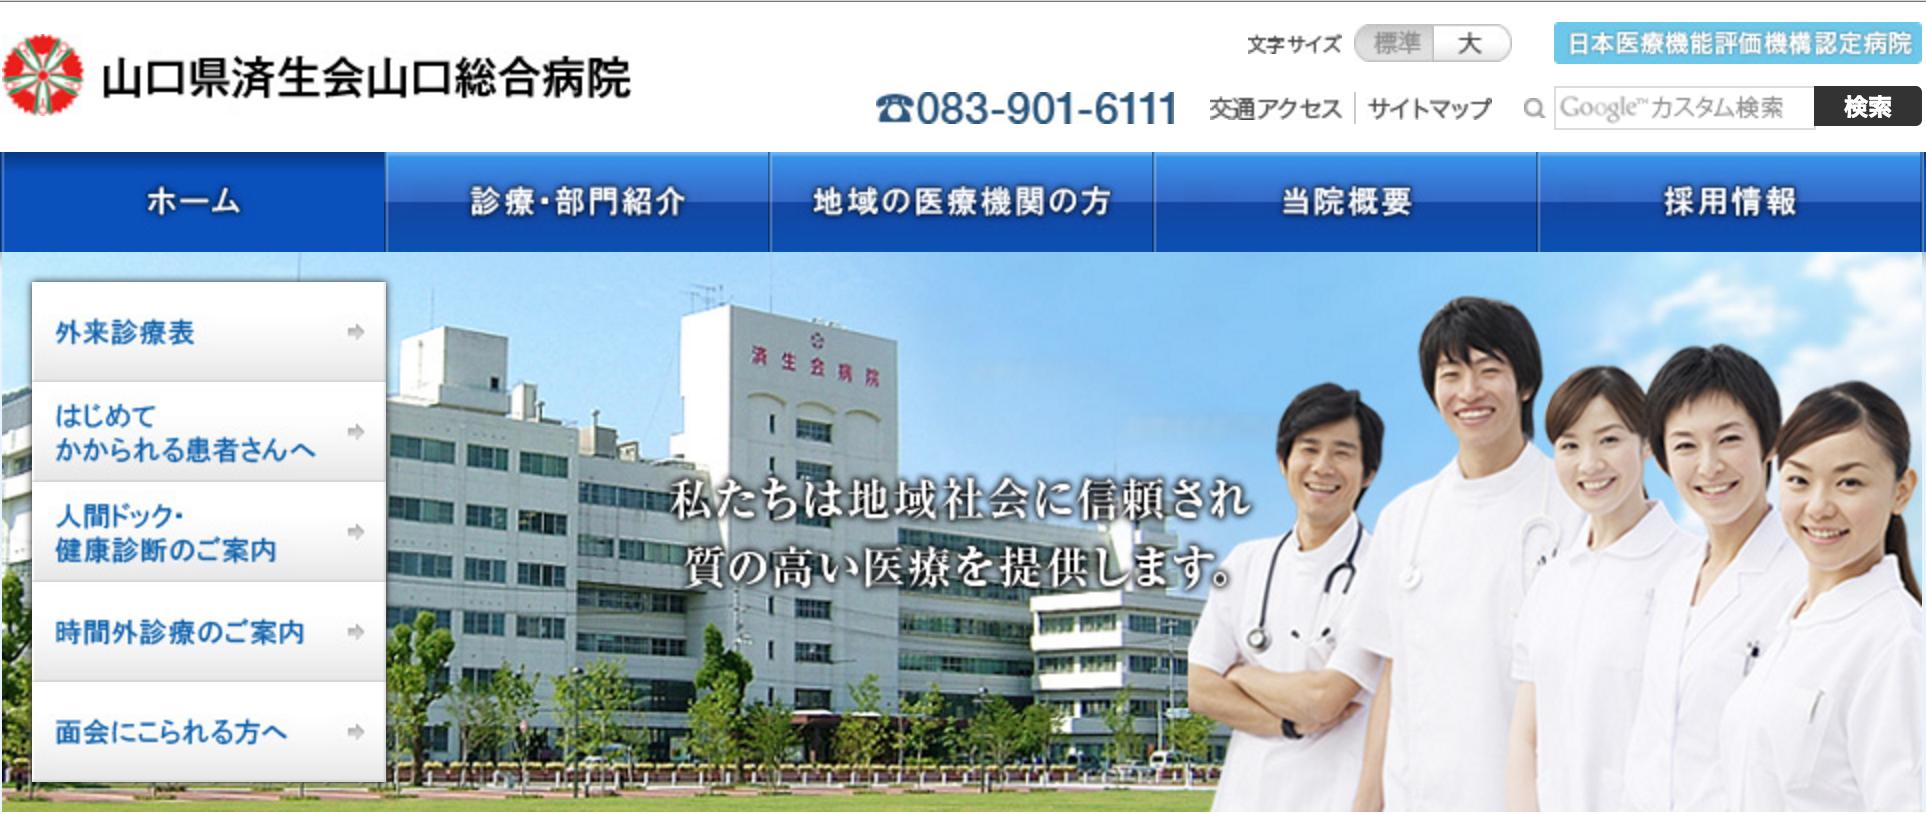 済生会山口総合病院